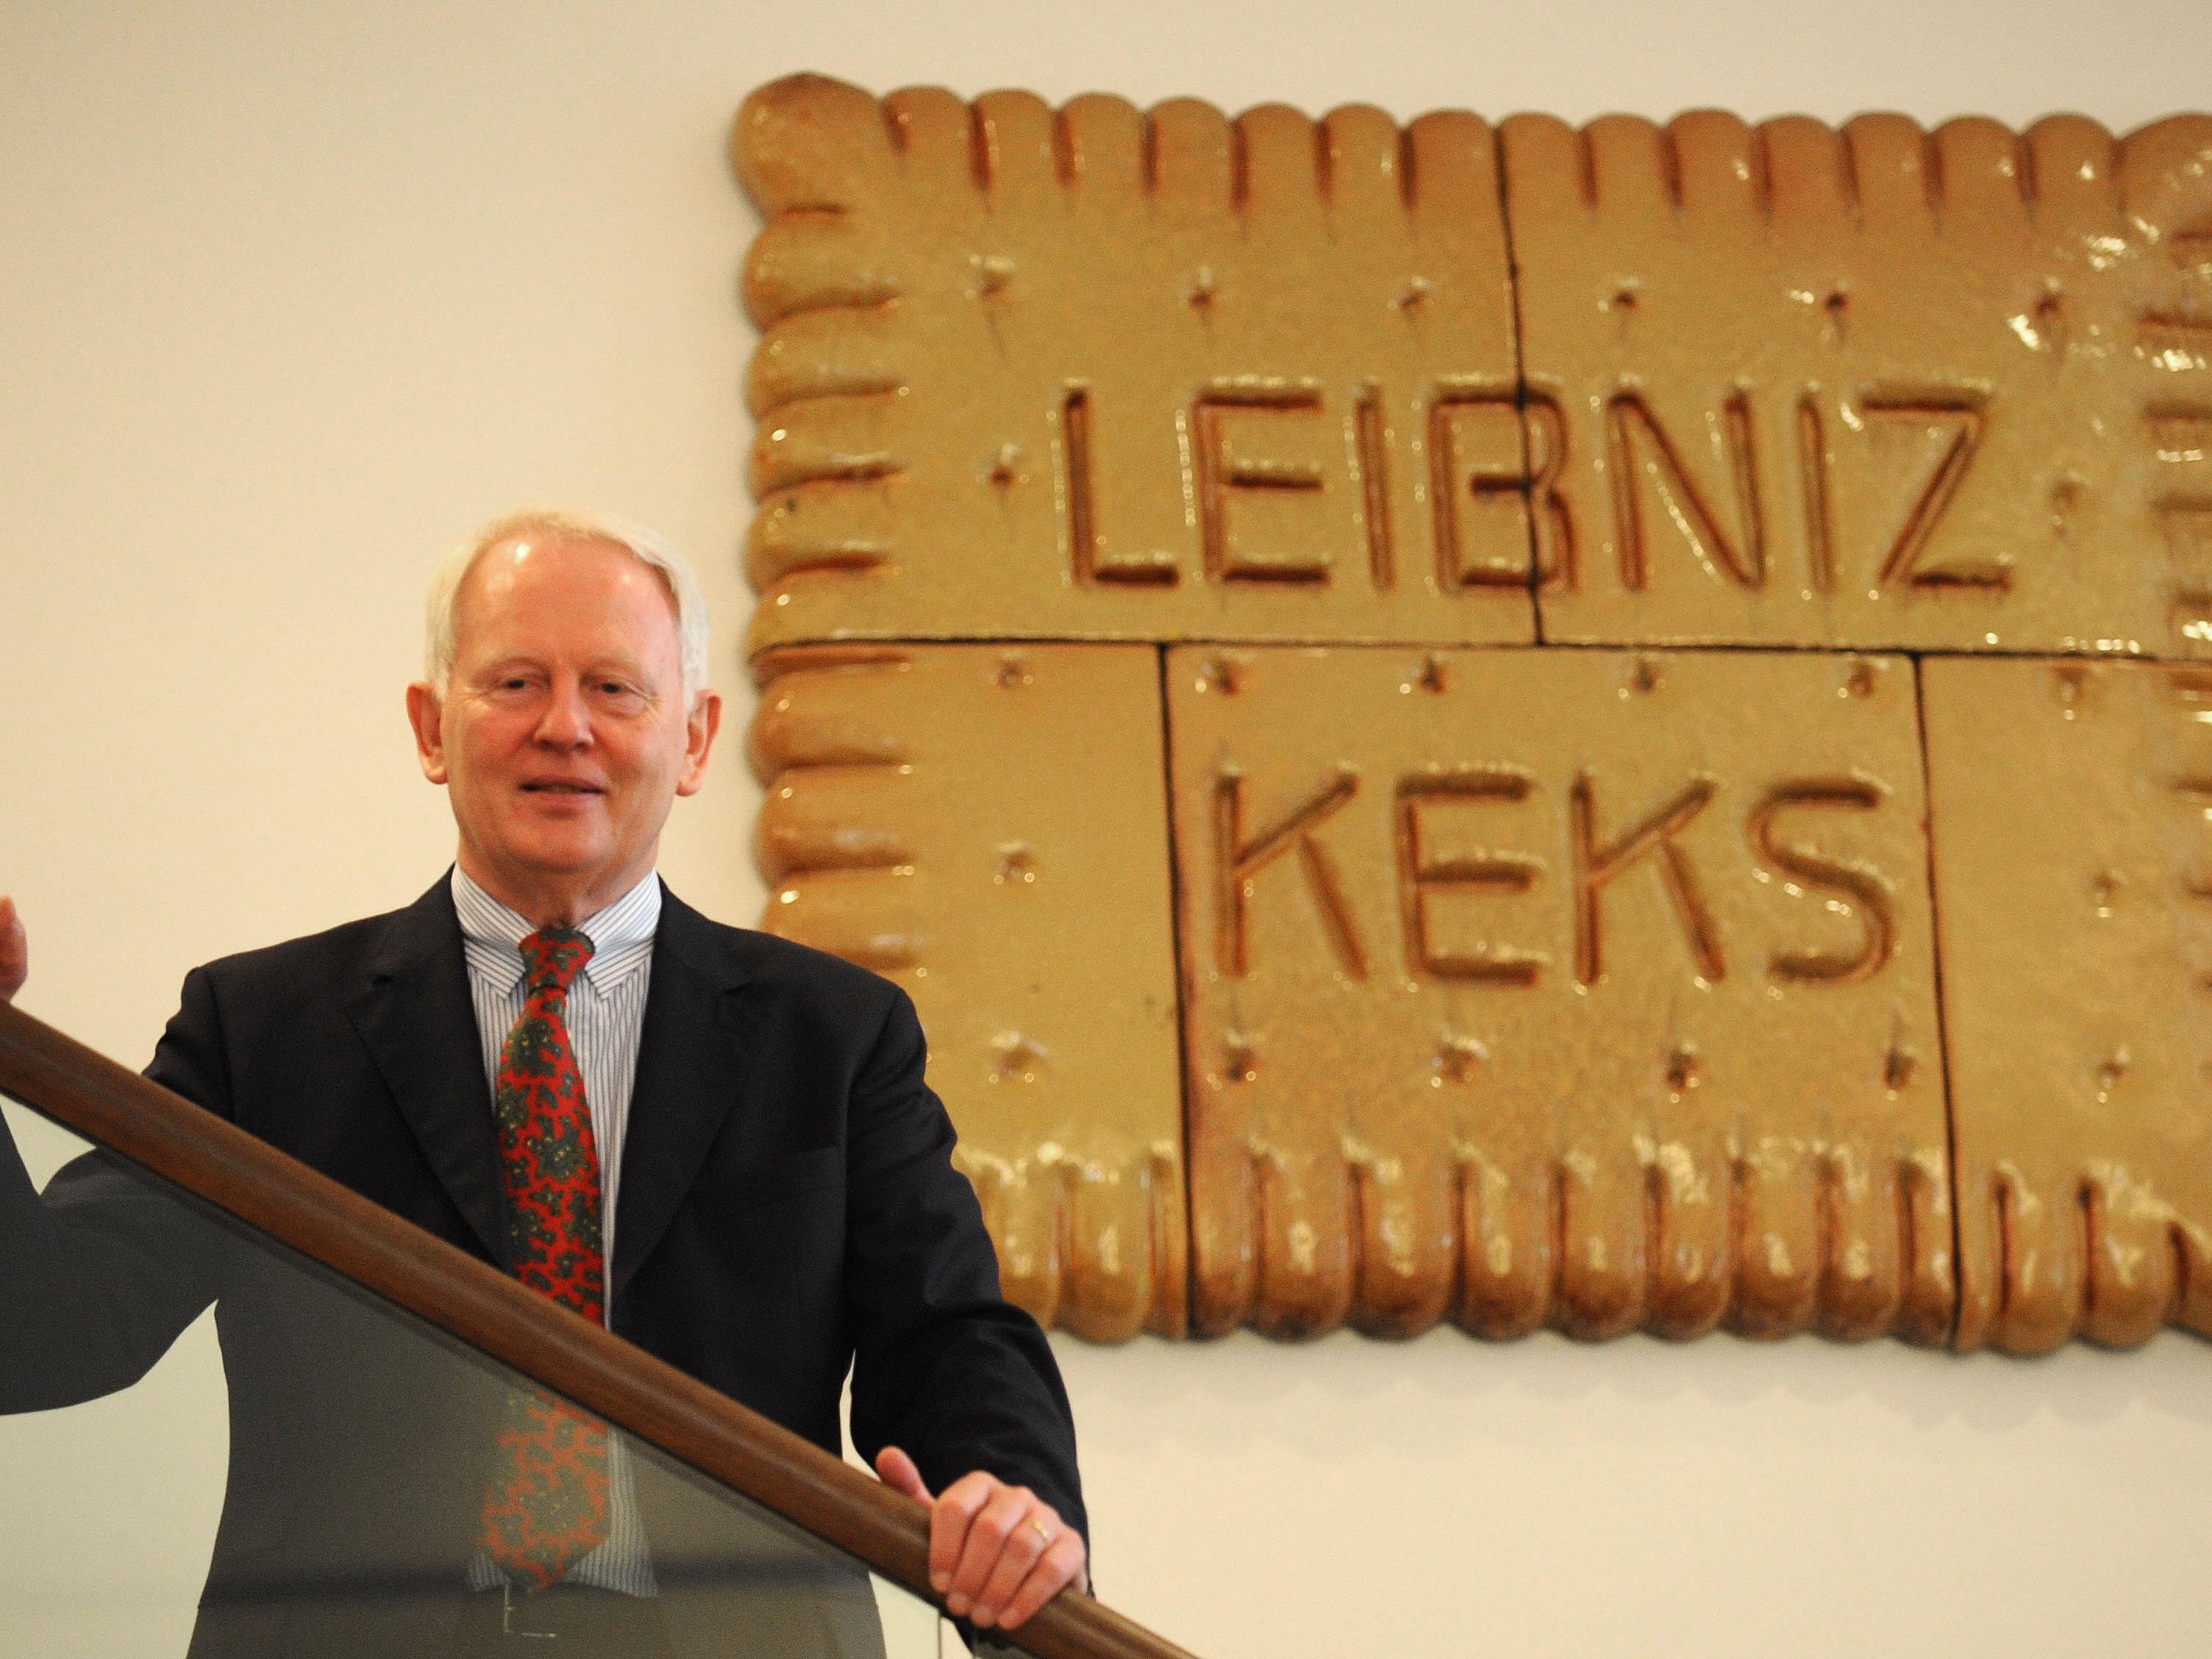 Der Leibniz Keks feiert 125-jähriges Jubiläum.